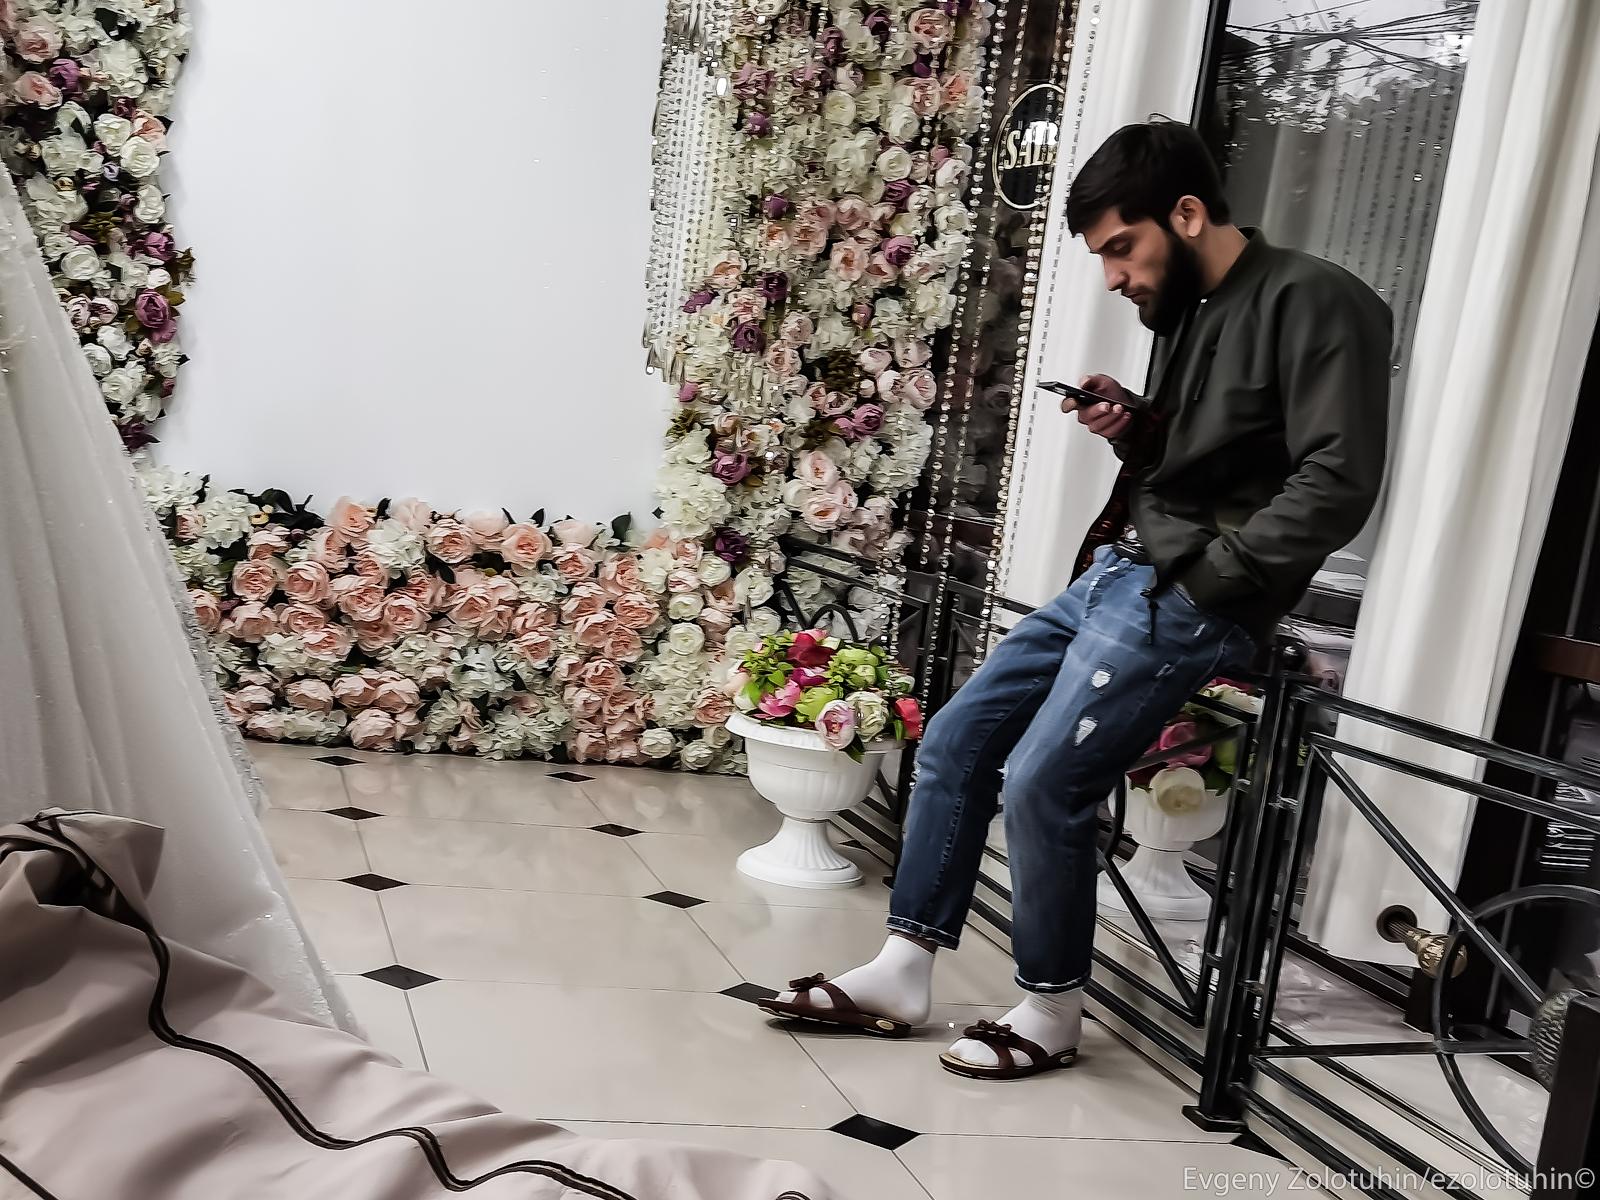 Сколько стоит дагестанская свадьба для богатых. Платье в прокат за миллион